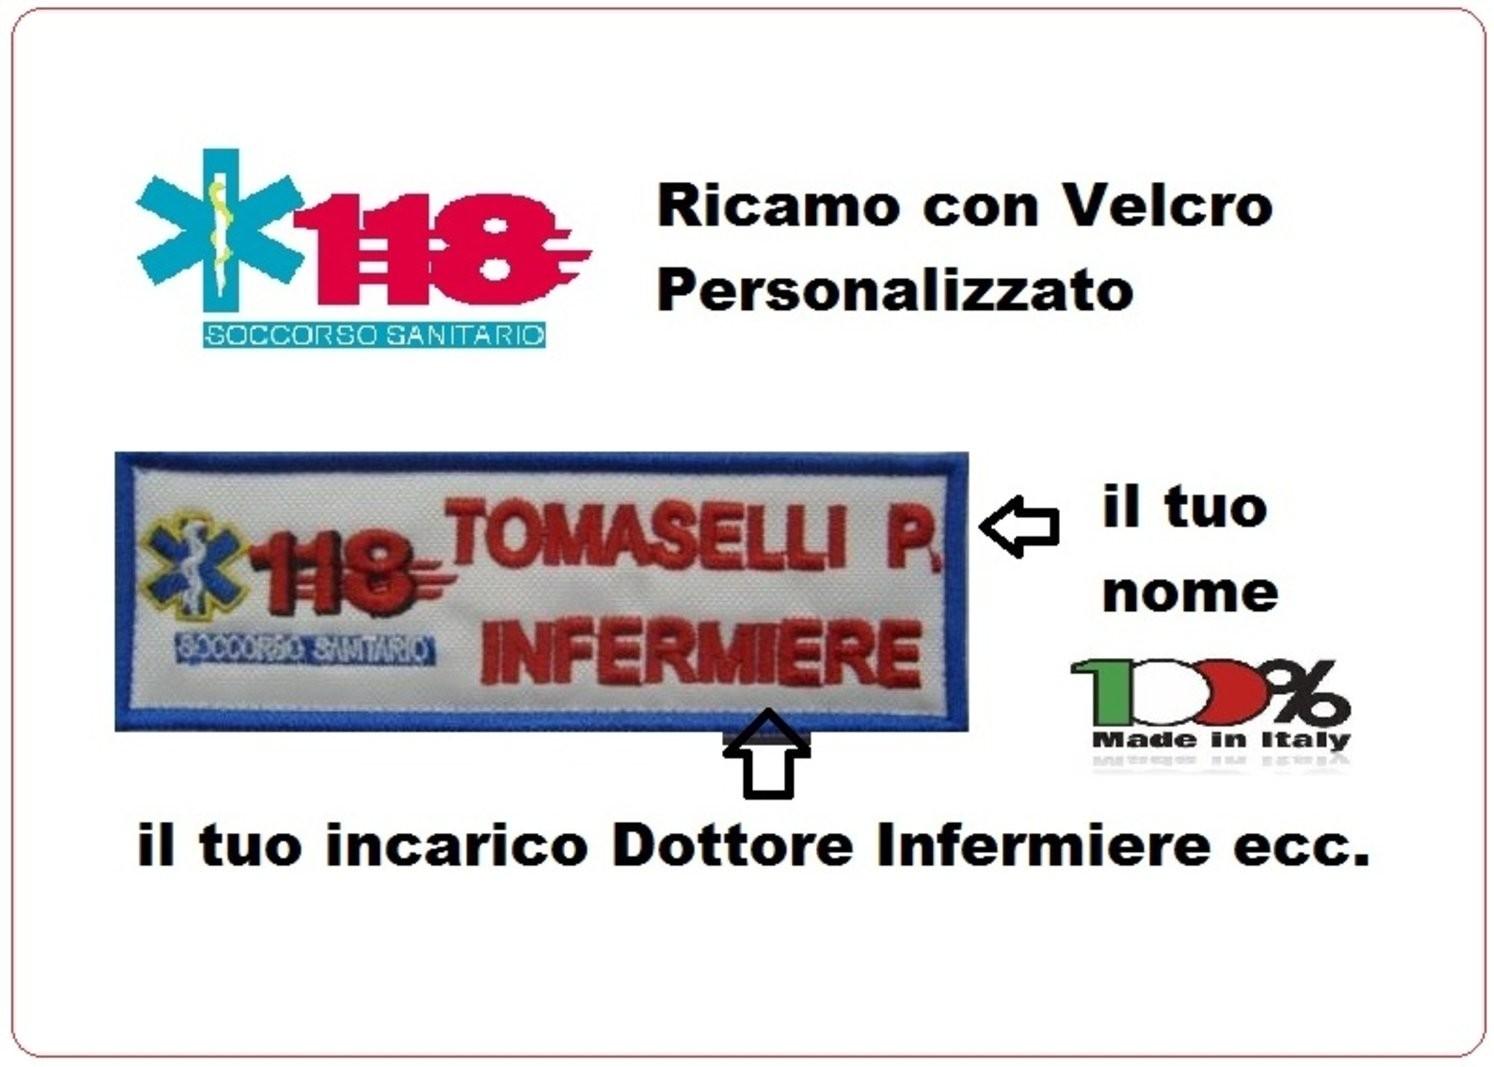 Top Coppia Patch Targhette con Velcro 118 Soccorso Sanitario  TS08